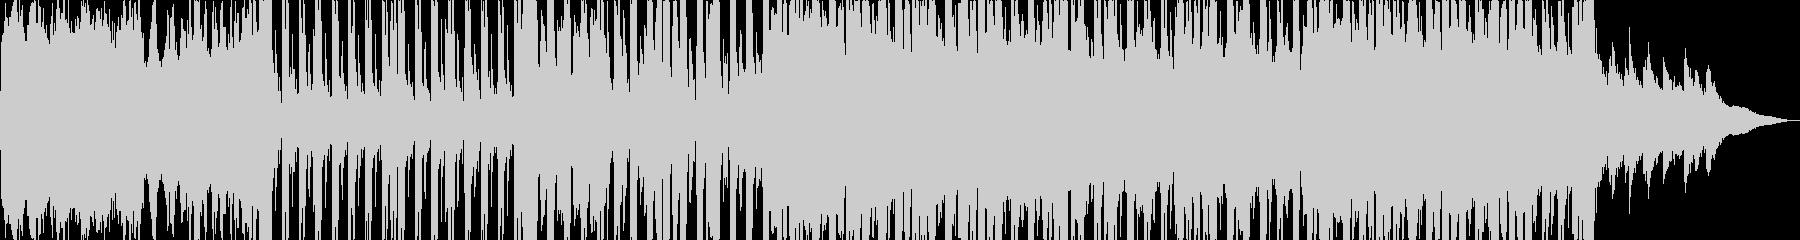 JAZZ FUNK メロディなしの未再生の波形